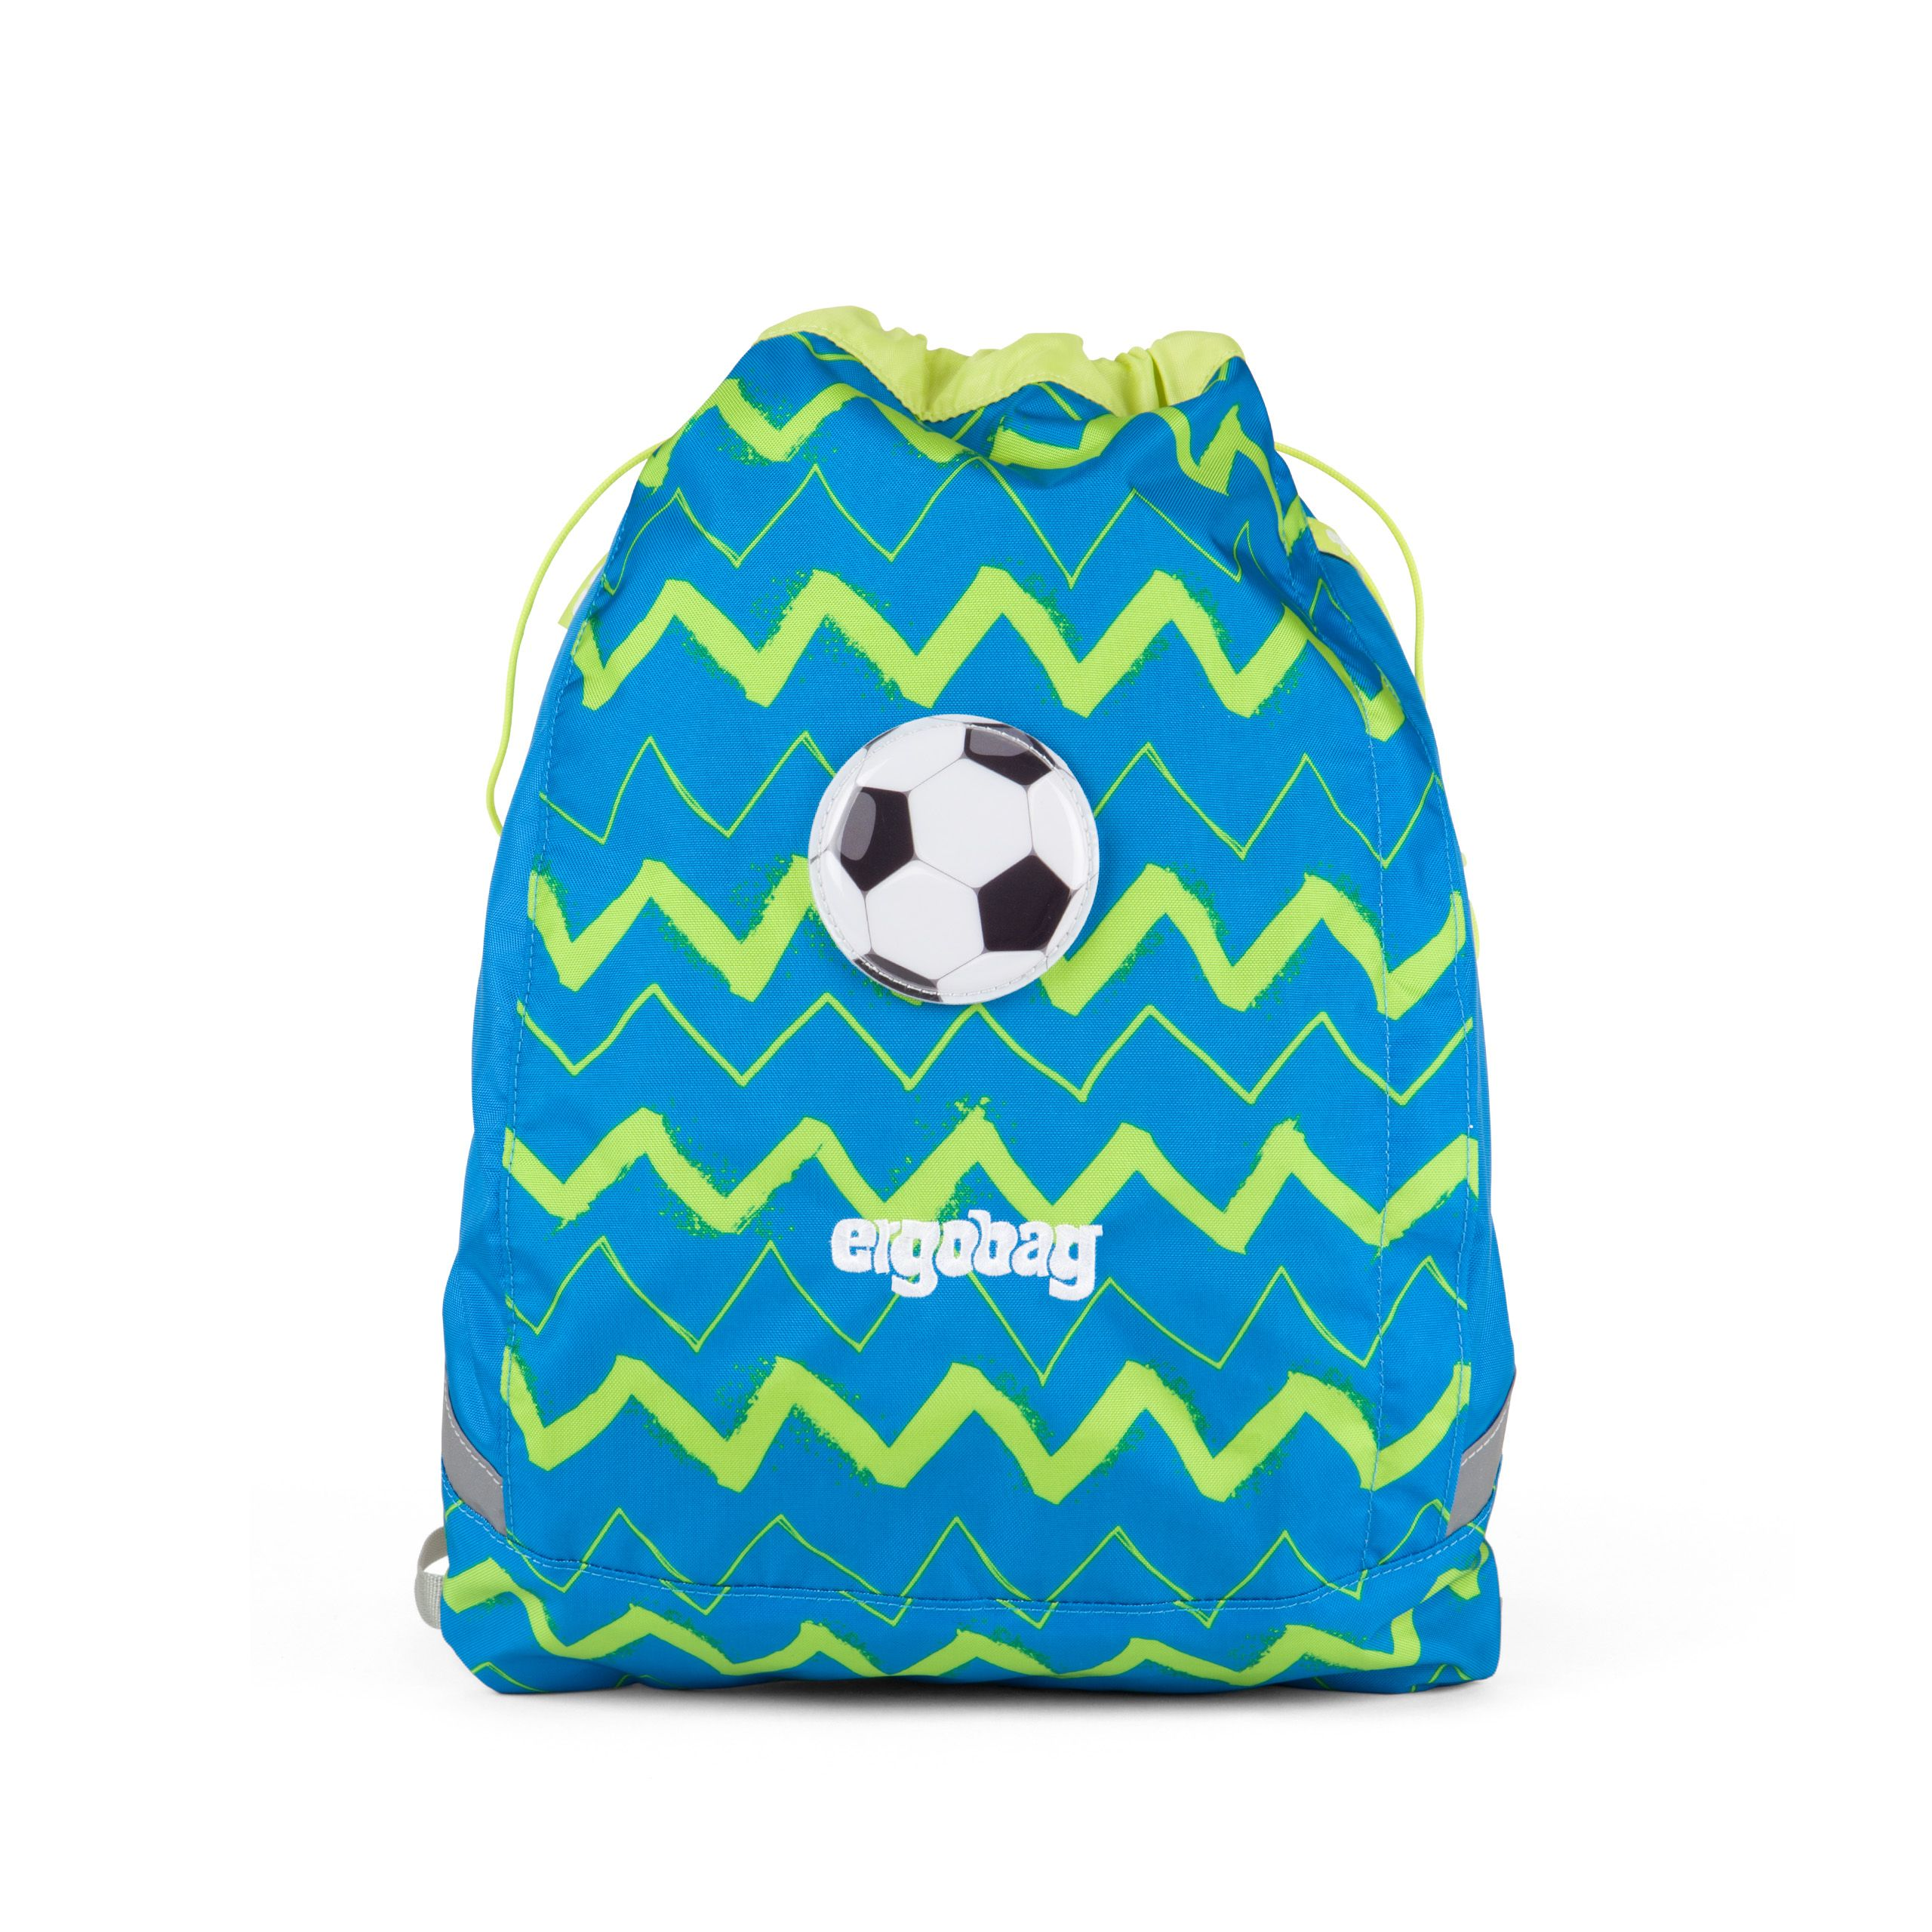 Image of Gym bag til Ergobag Cubo - LiBearo (ERG-CSP-001-9B7)